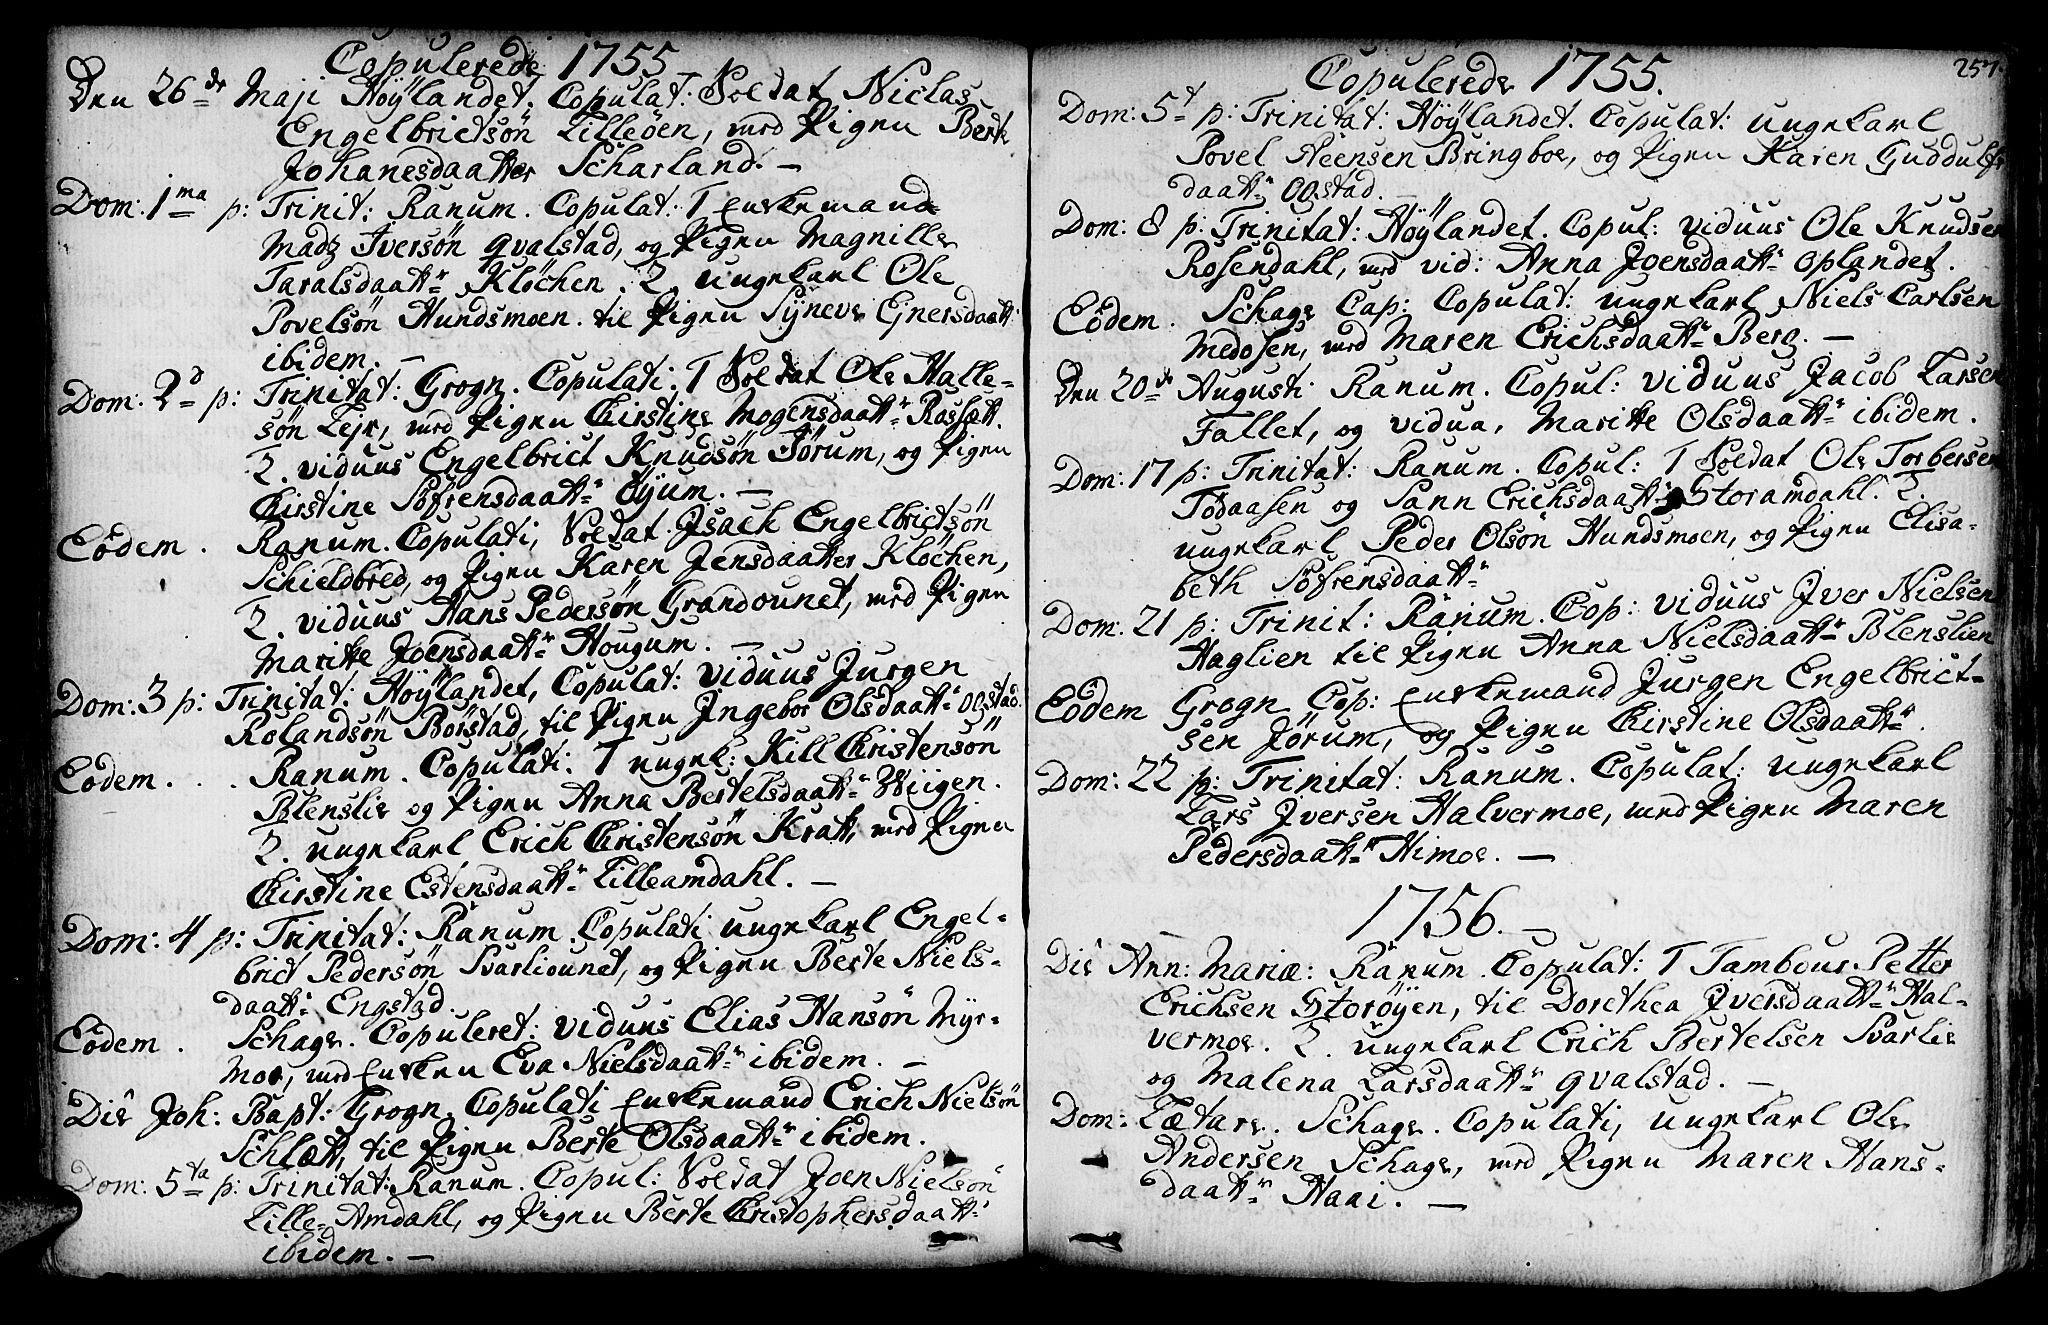 SAT, Ministerialprotokoller, klokkerbøker og fødselsregistre - Nord-Trøndelag, 764/L0542: Ministerialbok nr. 764A02, 1748-1779, s. 257